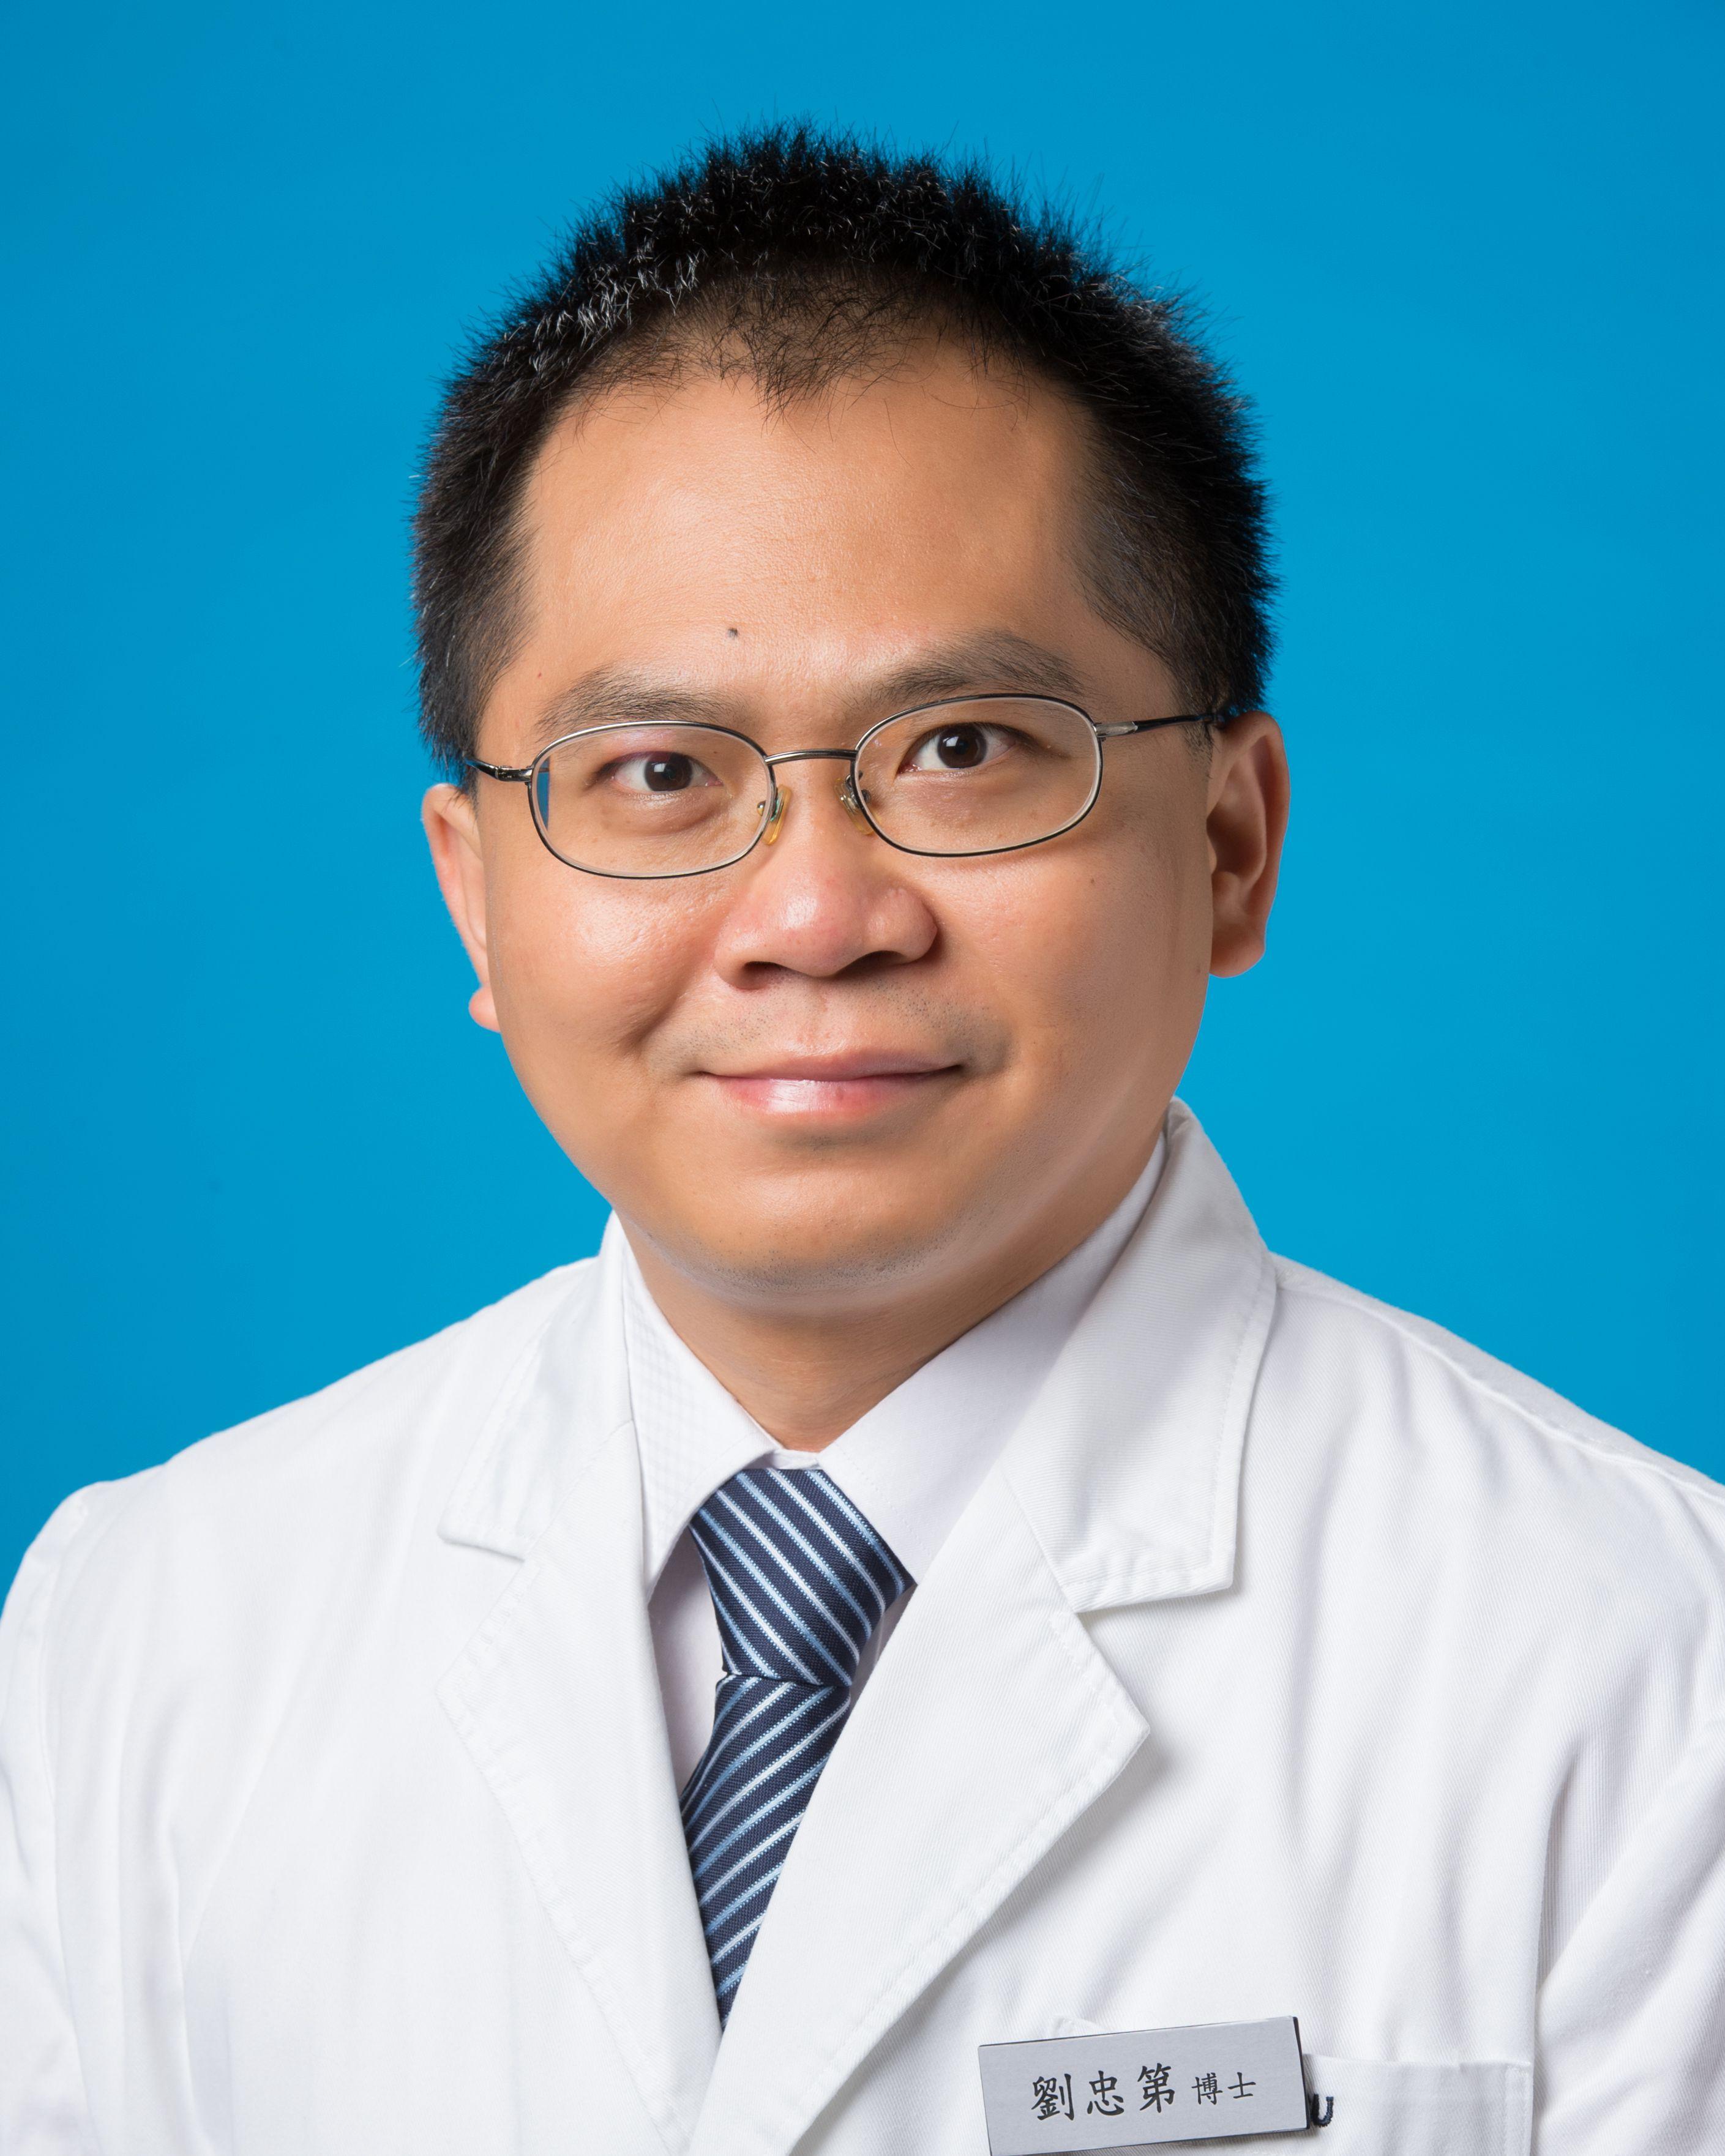 Lau Chung Tai